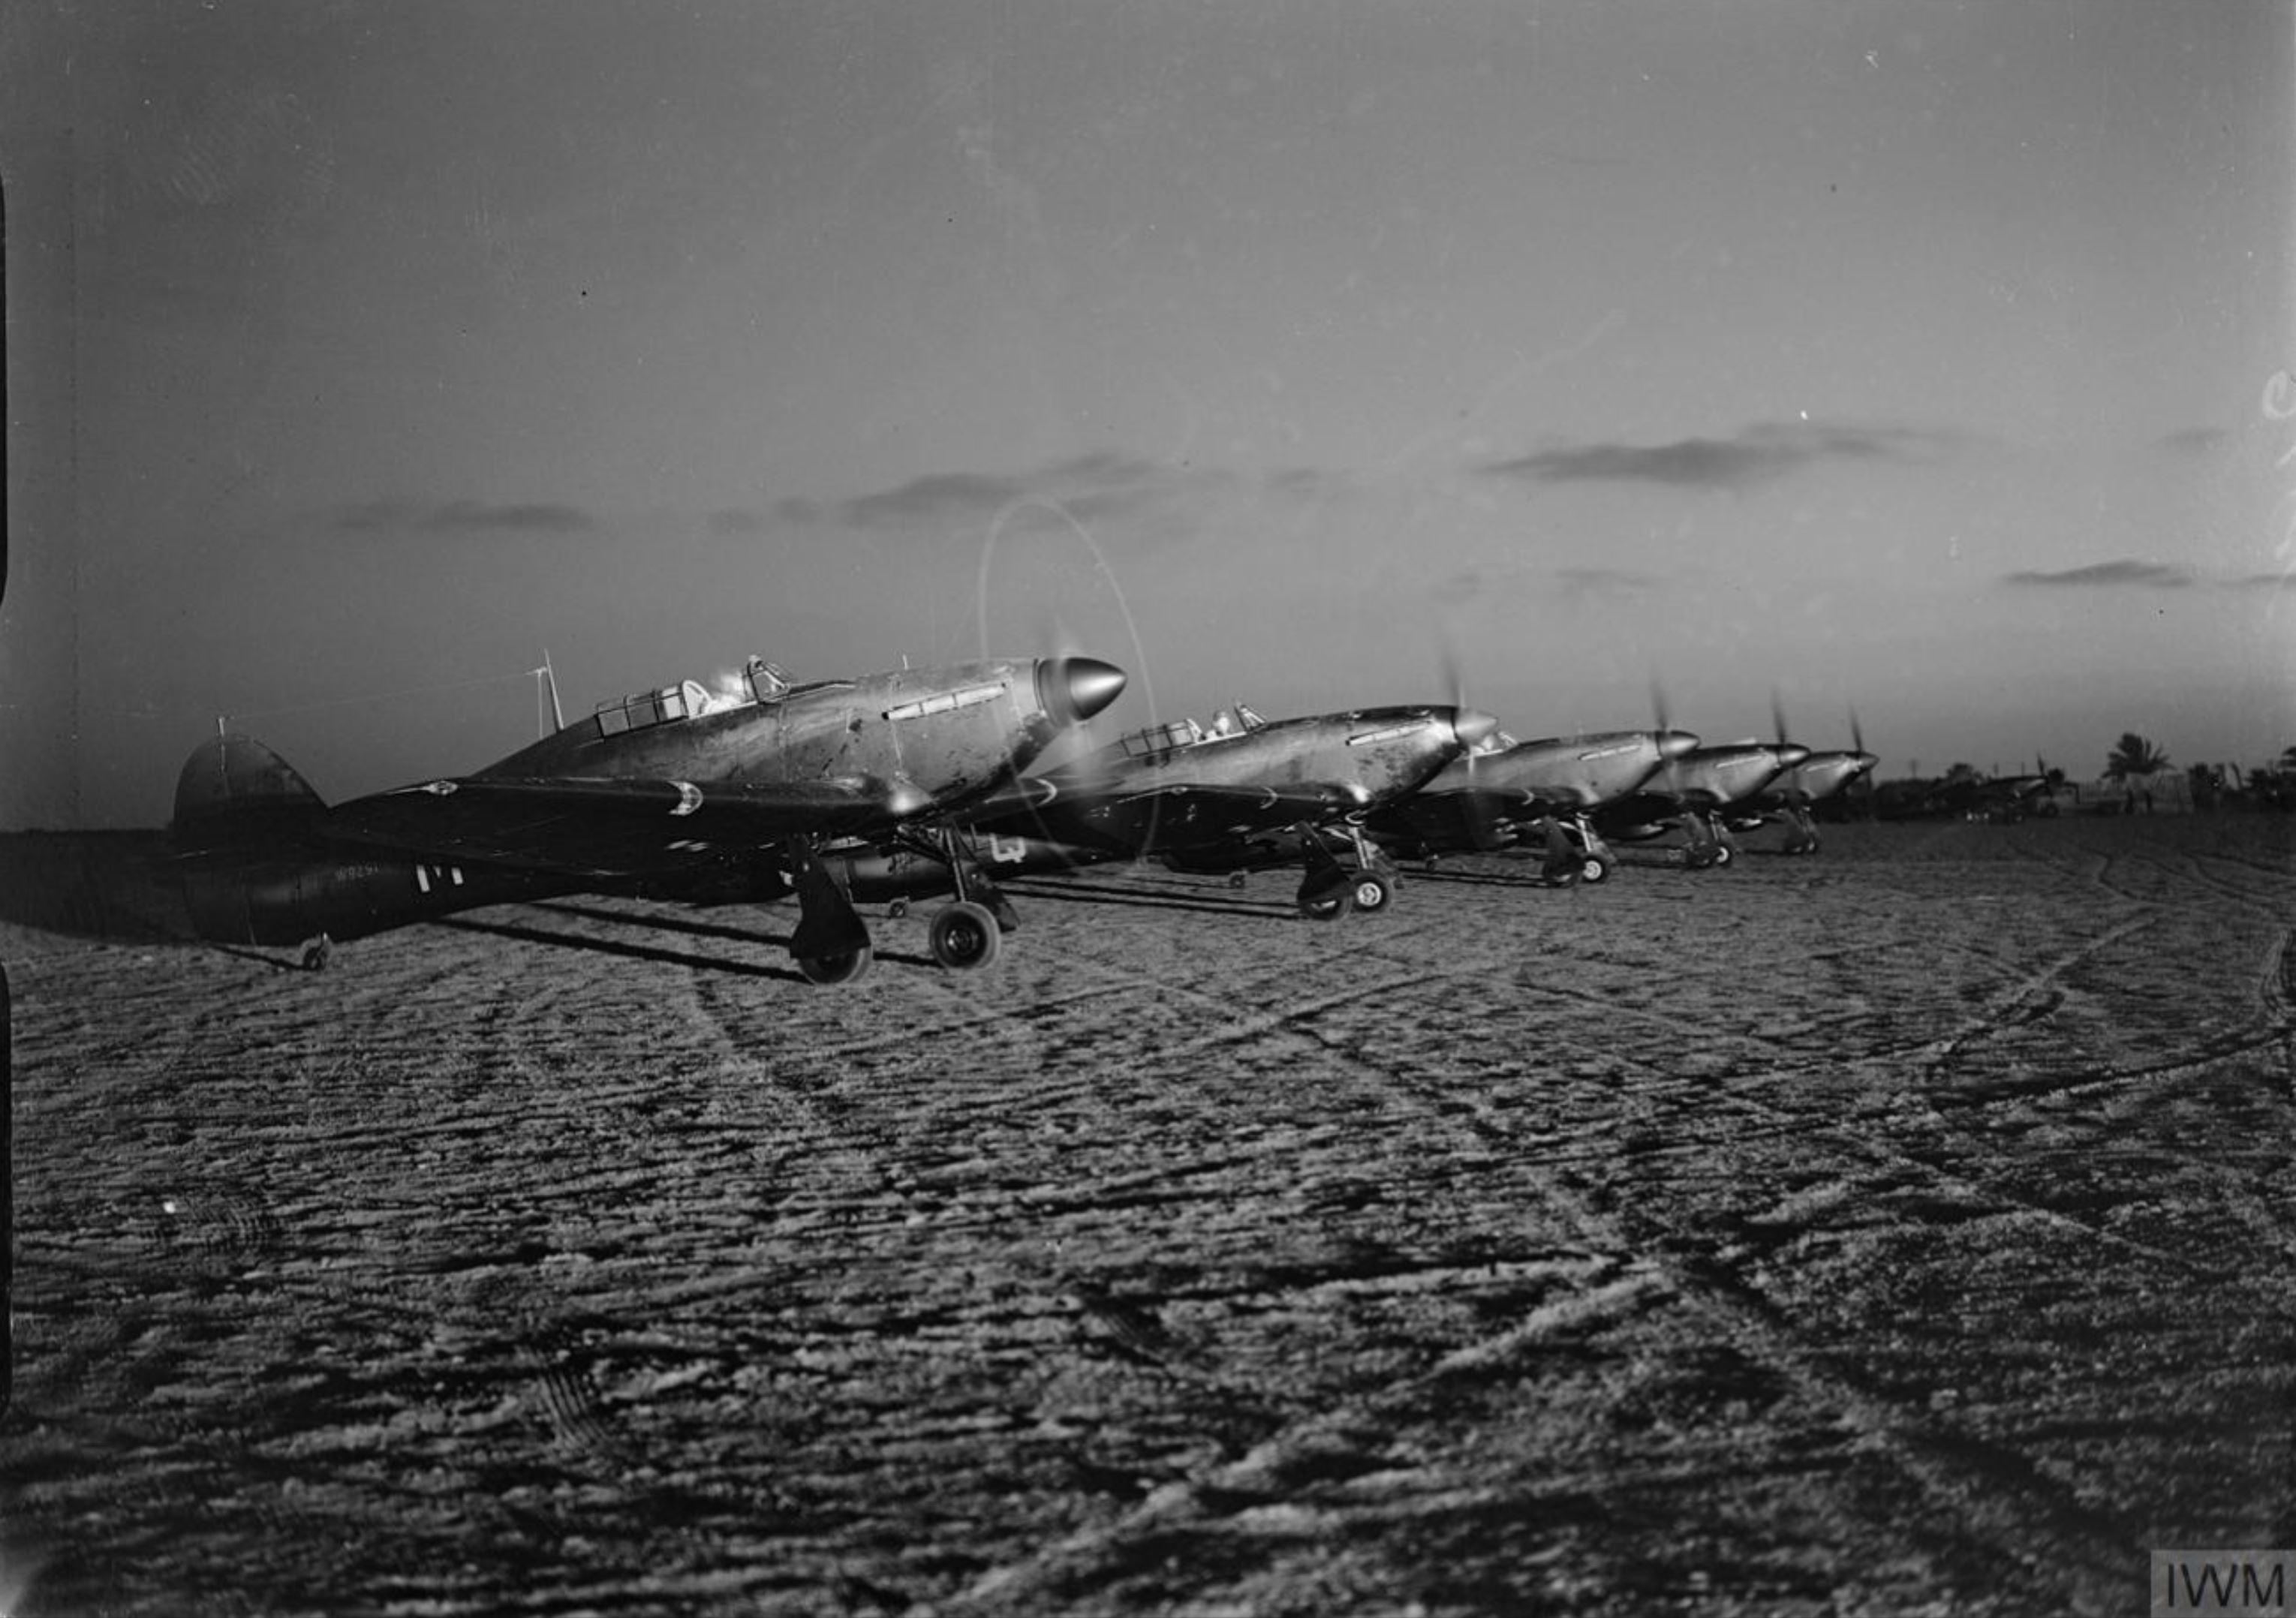 Nightfighter Hurricanes RAF 30Sqn M W9291 based in Egypt flew night patrols over the Suez Canal IWM 01